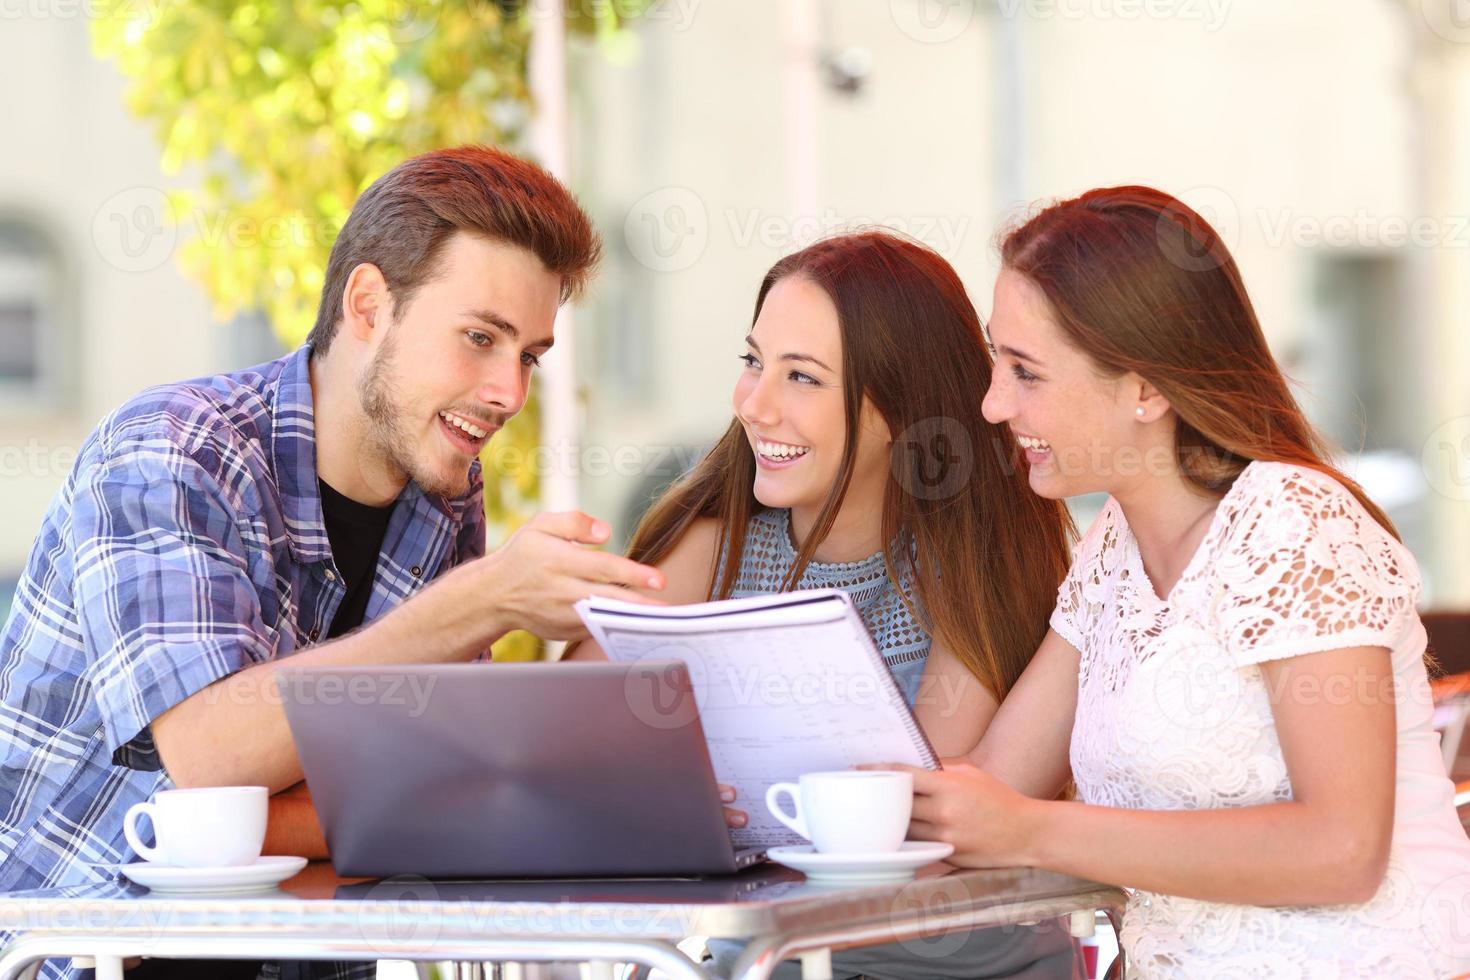 trois étudiants étudient et apprennent dans un café photo